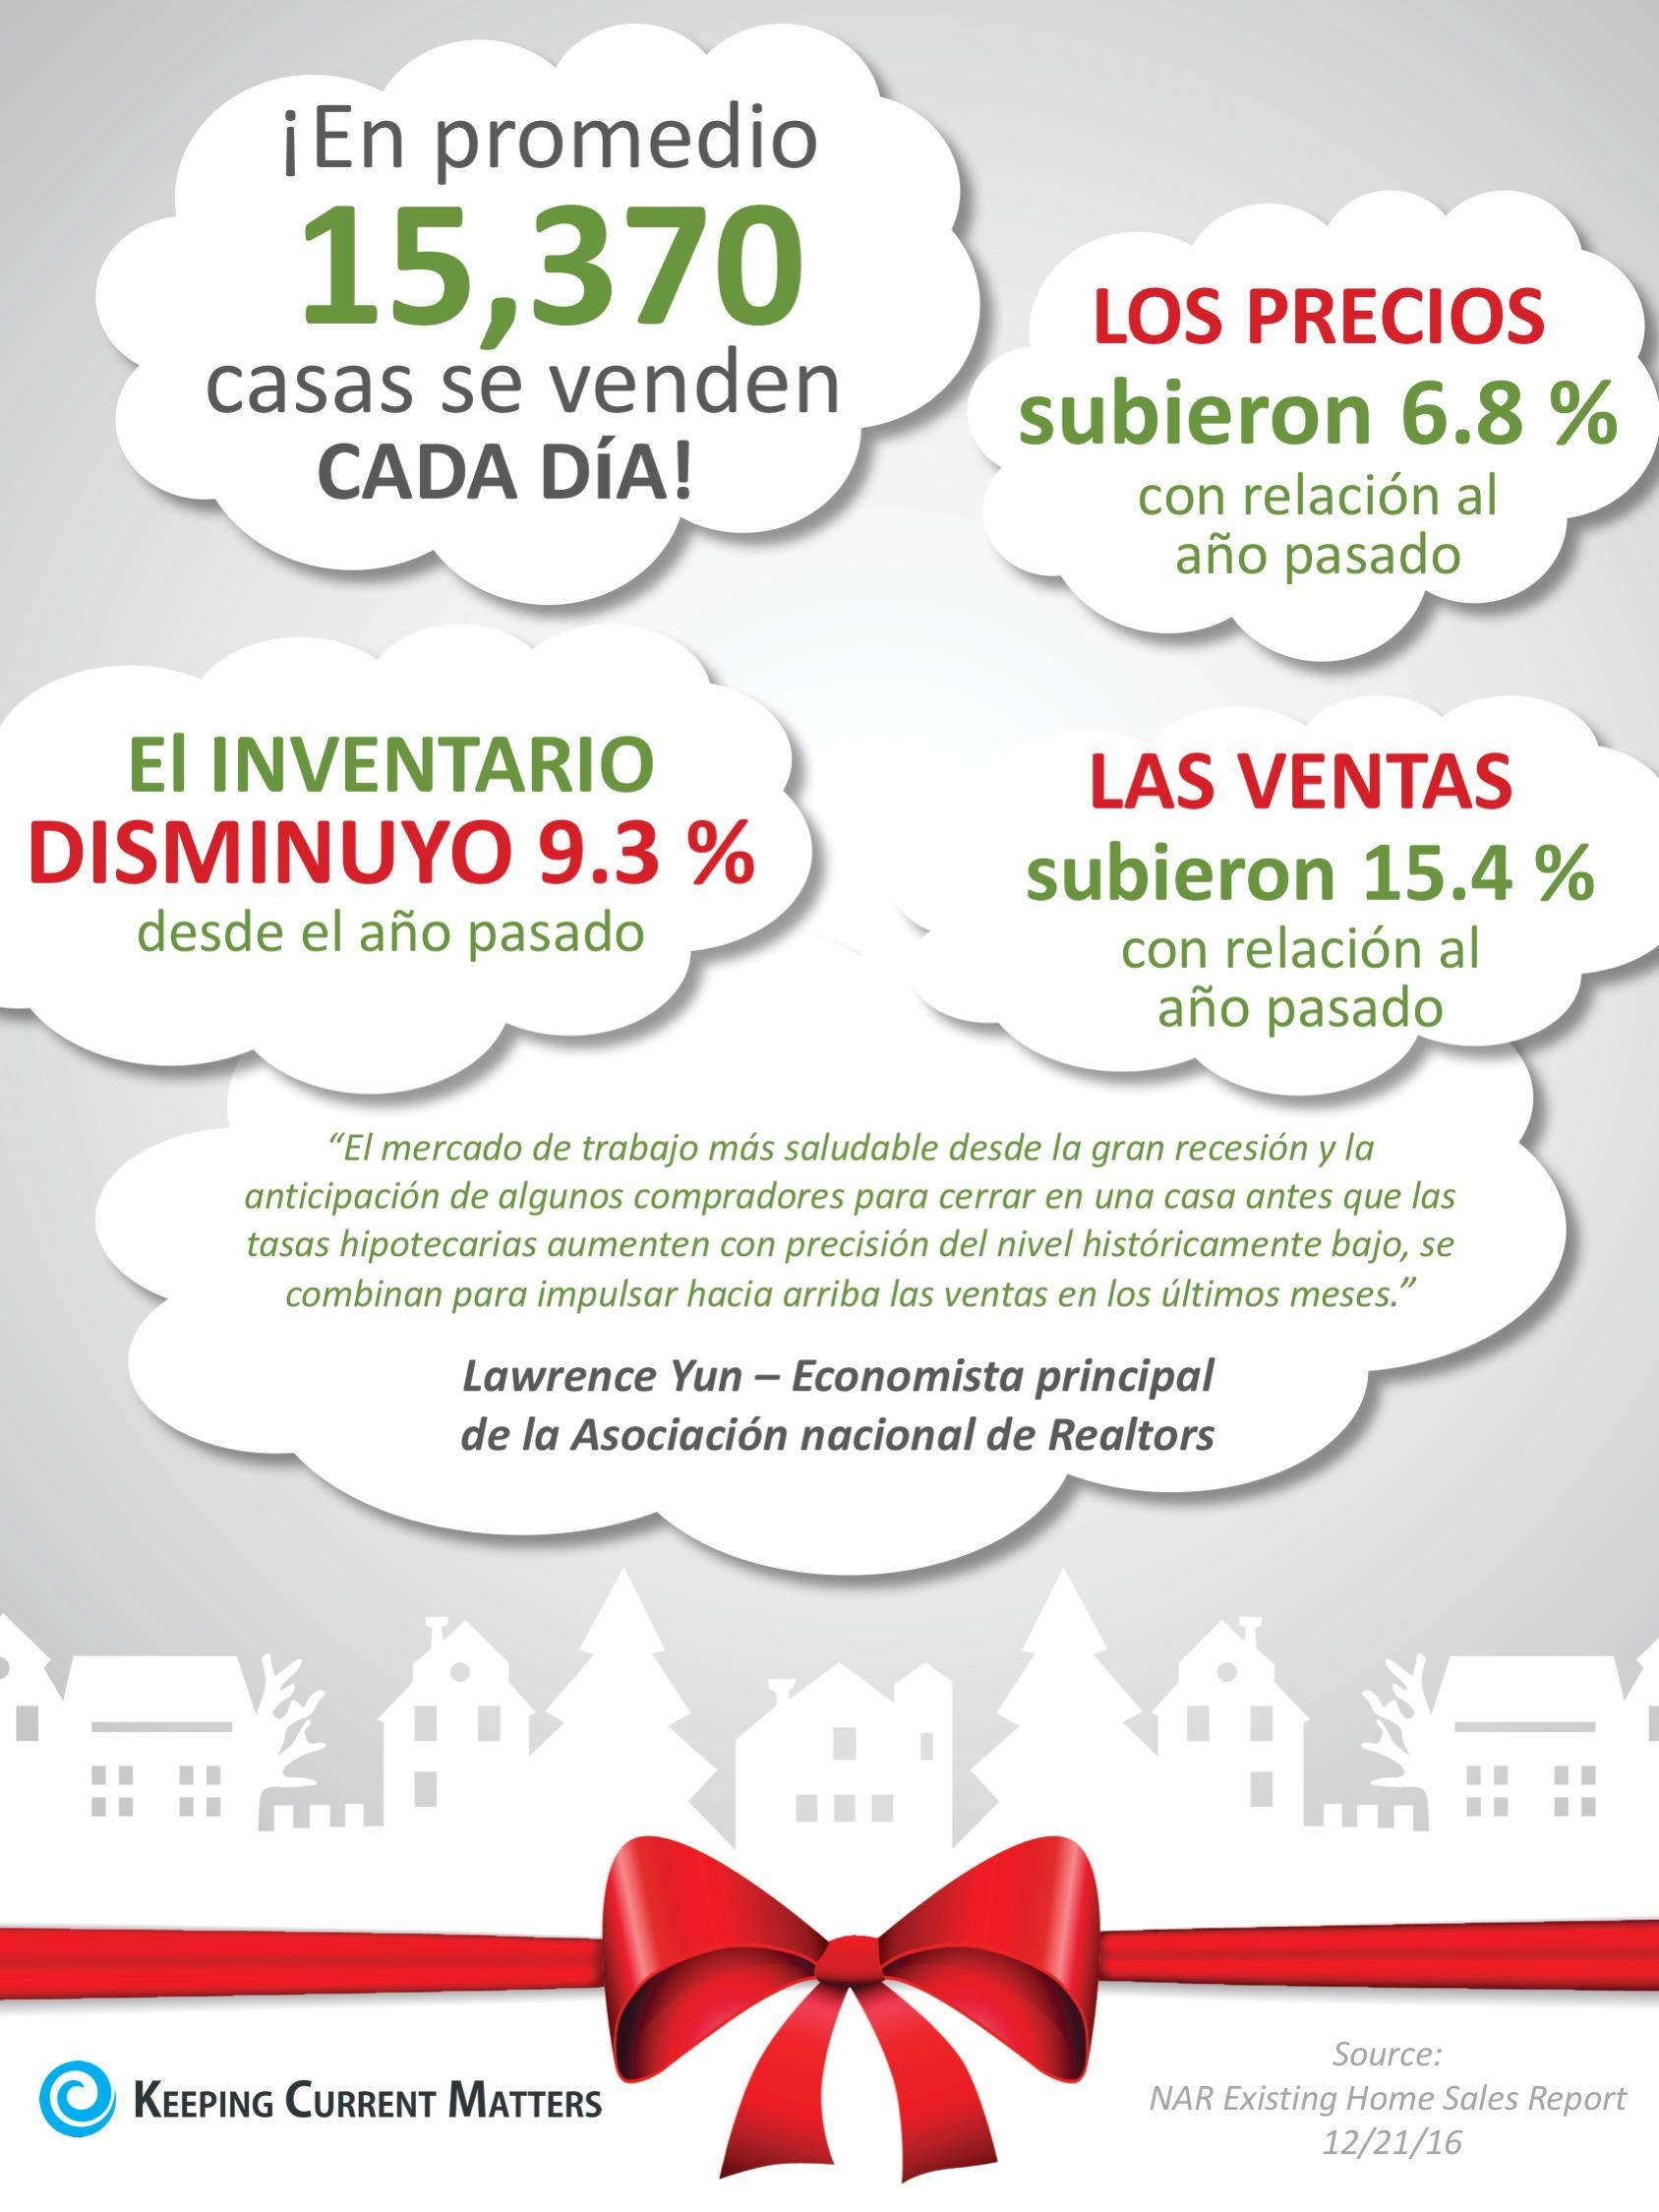 Las ventas de las casas ya existentes aumentan a través de los días festivos [infografía] | Keeping Current Matters